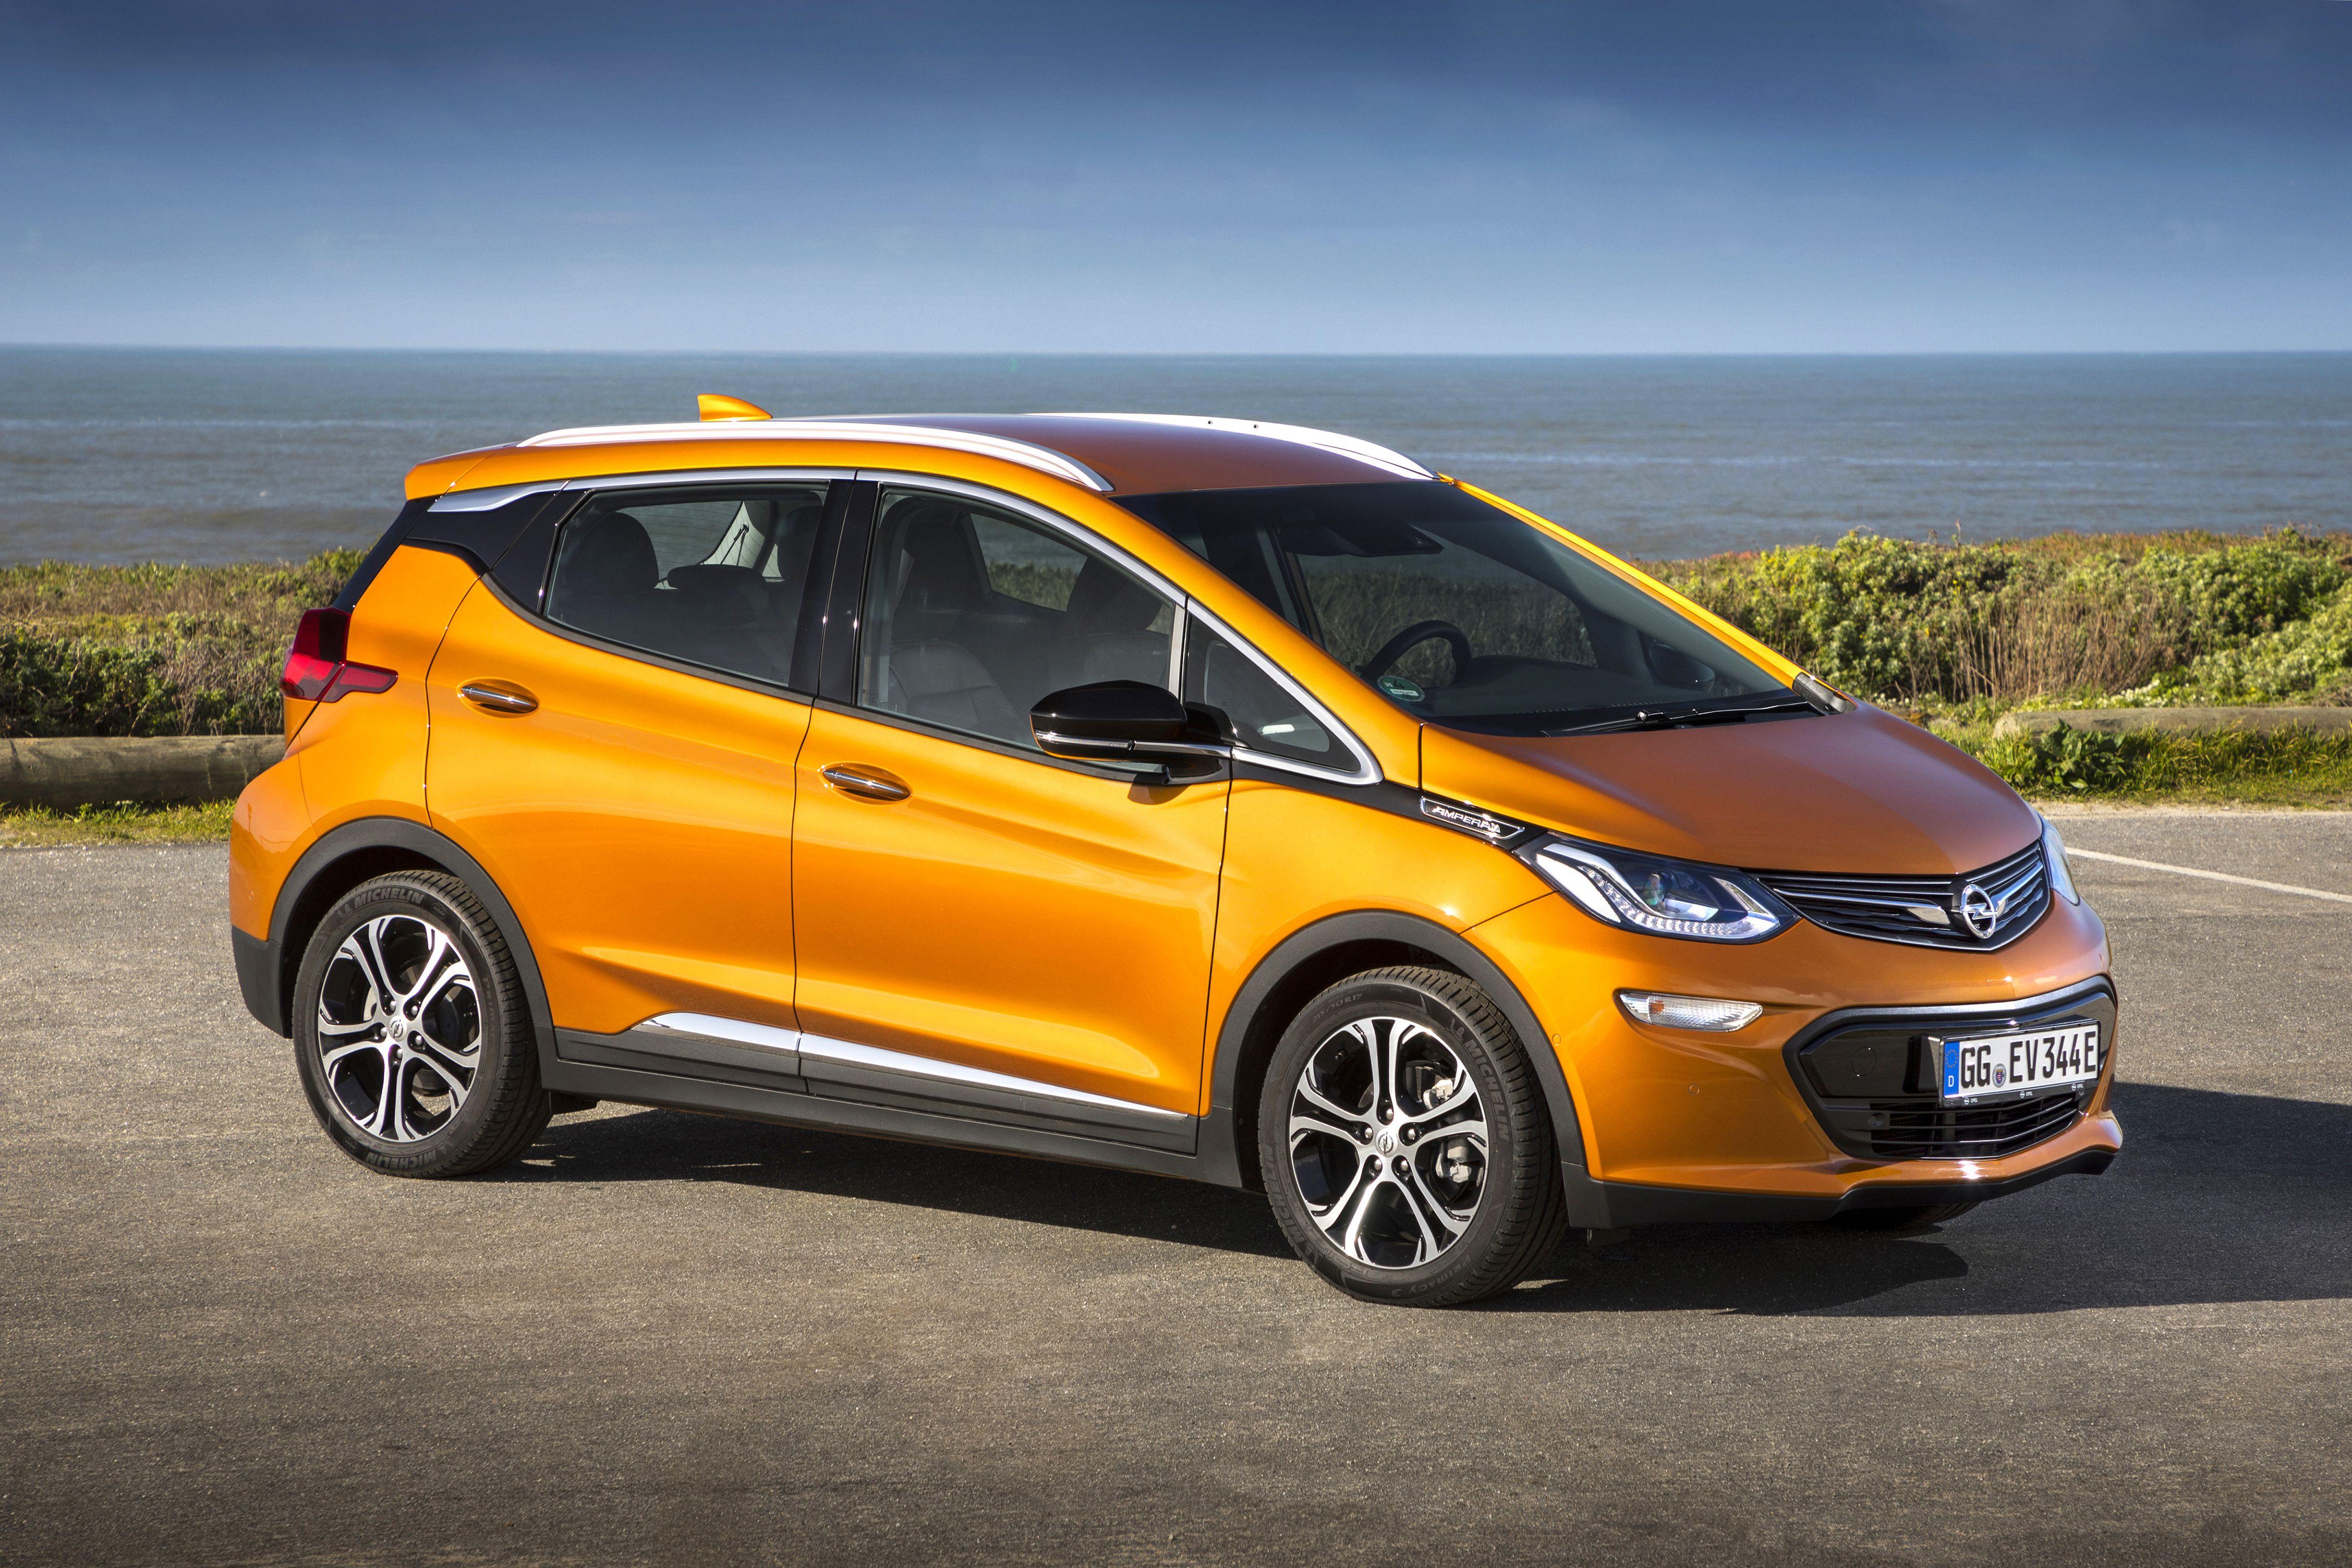 Opel ampera e hat platz wie ein kompakter und eine praxis reichweite fast